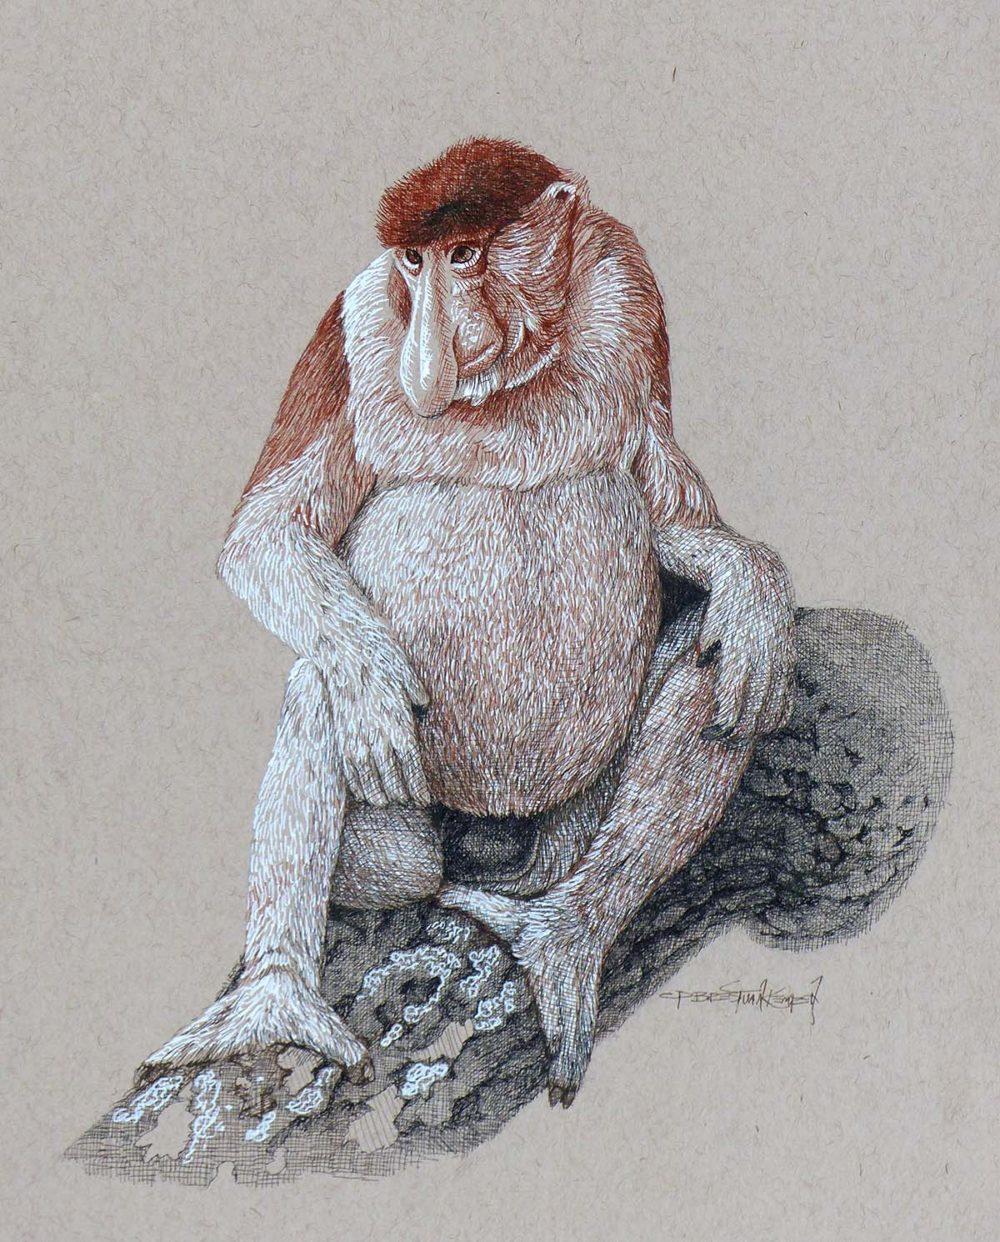 Probaoscis Monkey - Carel Brest van Kempen